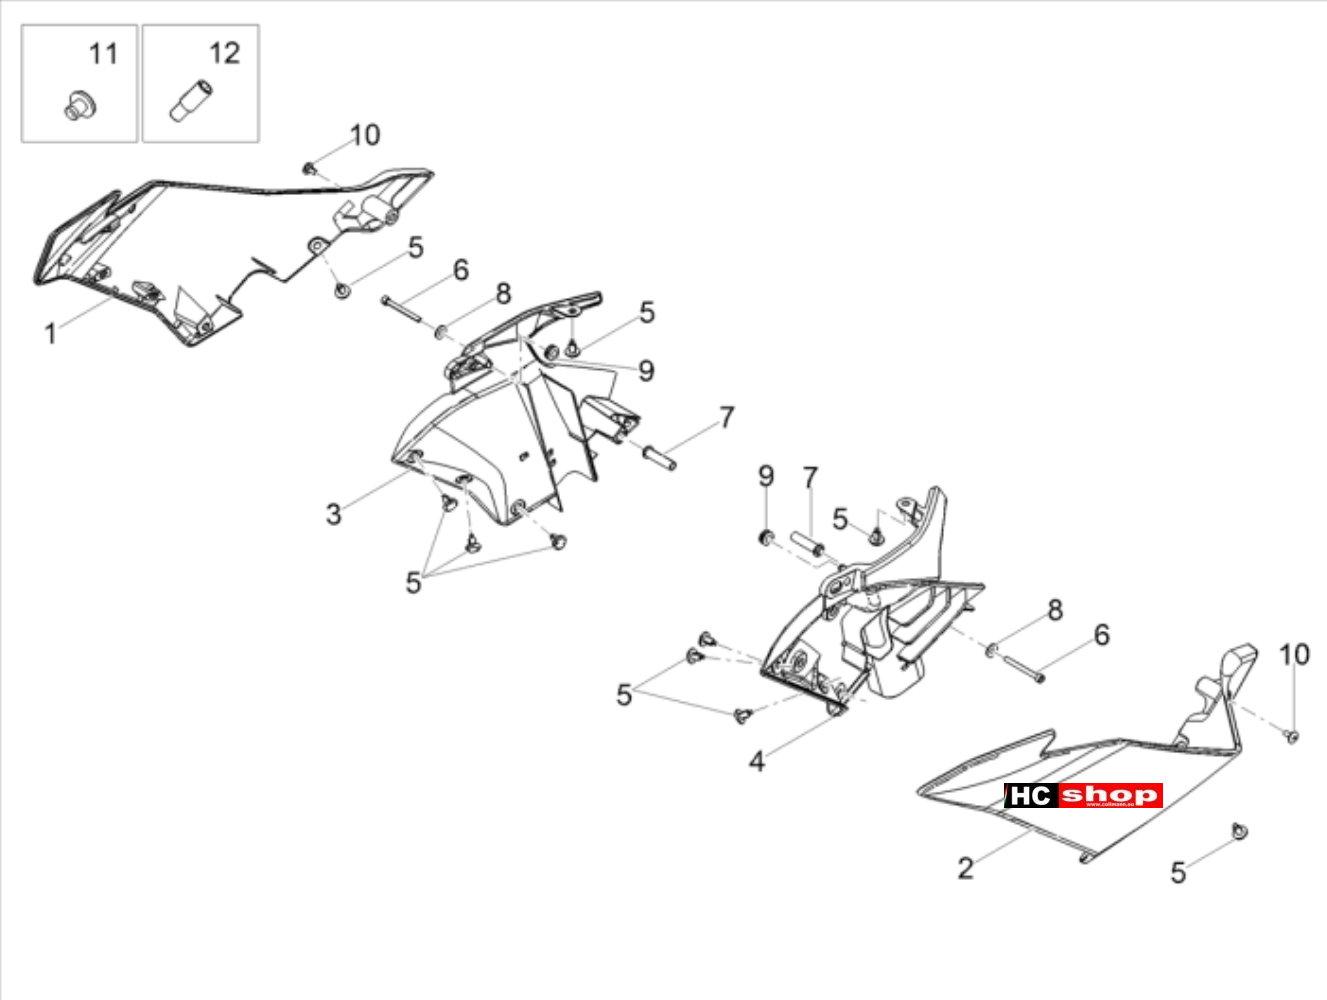 Aprilia Tuono 125 4T E4 ABS Aufbau Seitenverkleidung